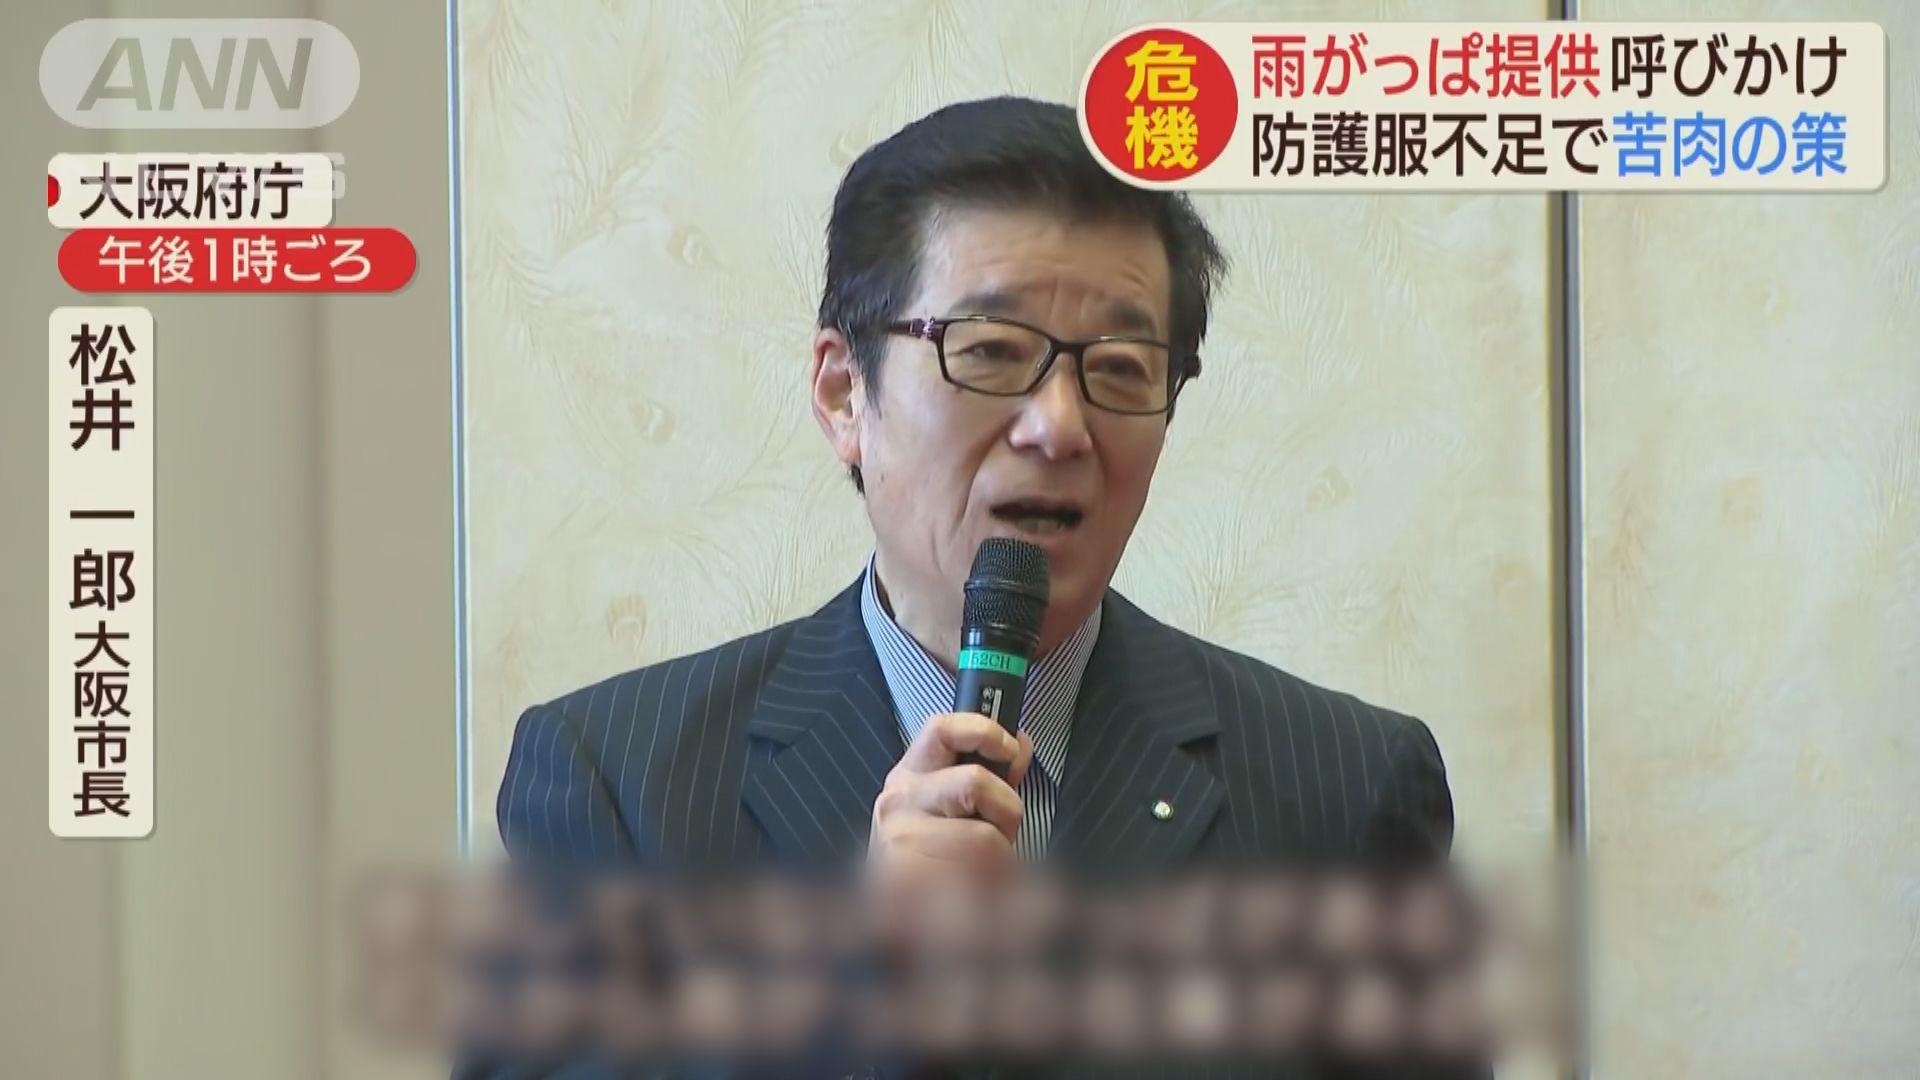 日本防護衣不足 大阪籲民眾捐雨衣替代